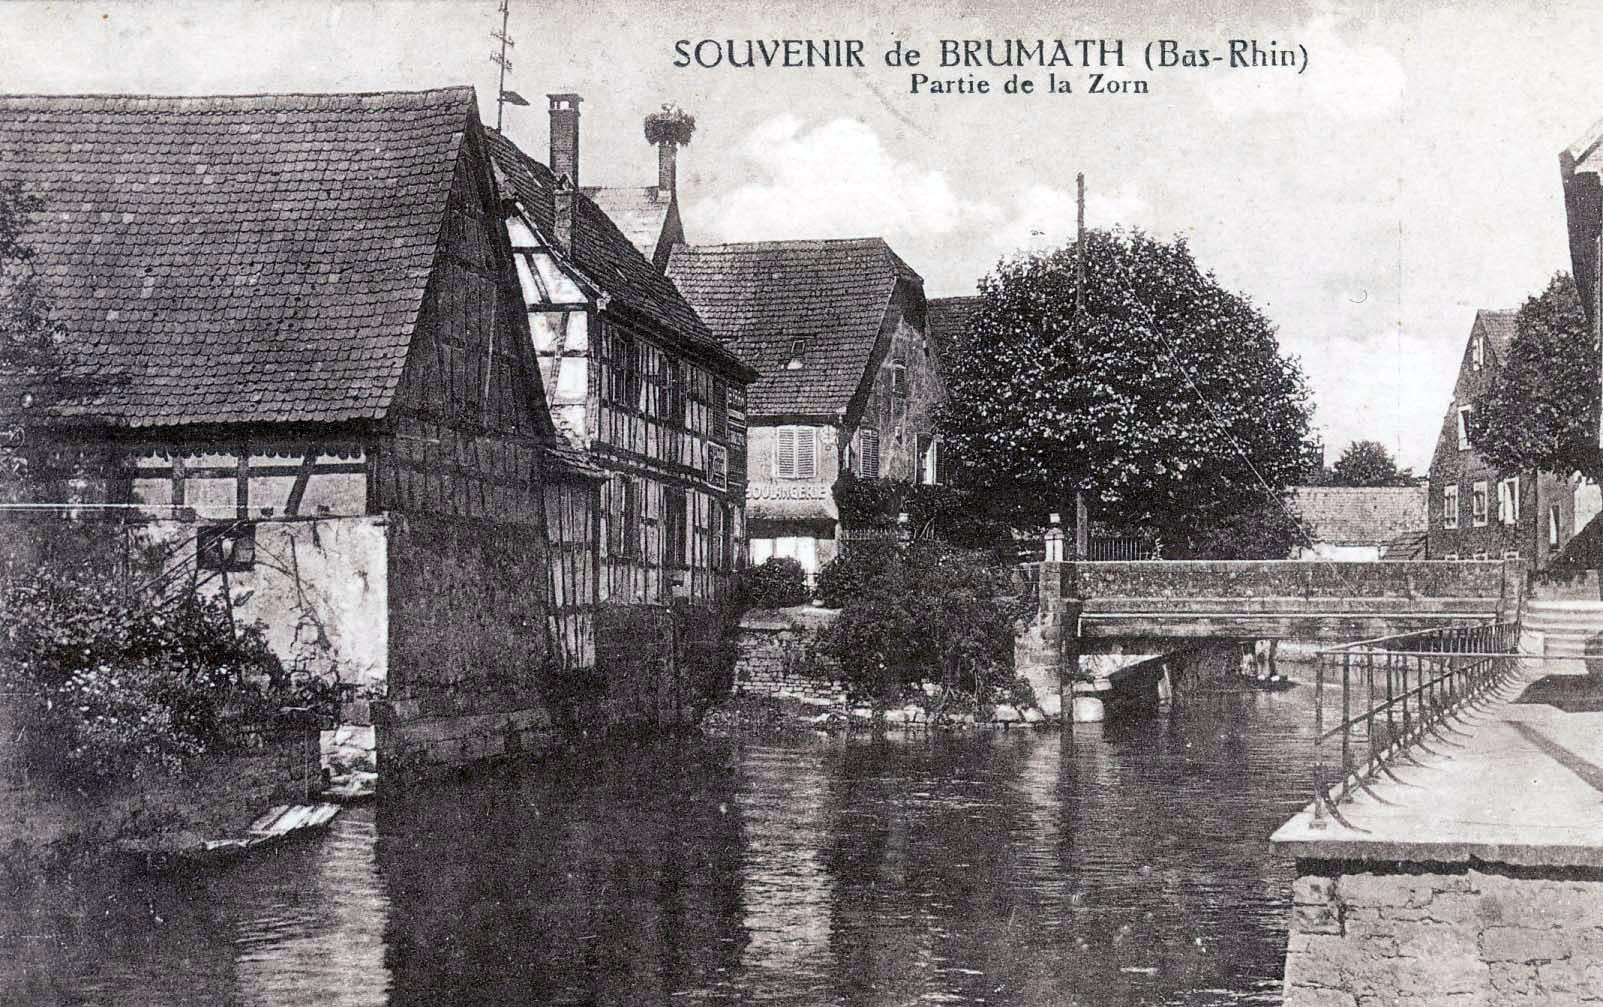 Brumath, carte postale ancienne, aux environs de 1920 - Atlas des paysages d'Alsace